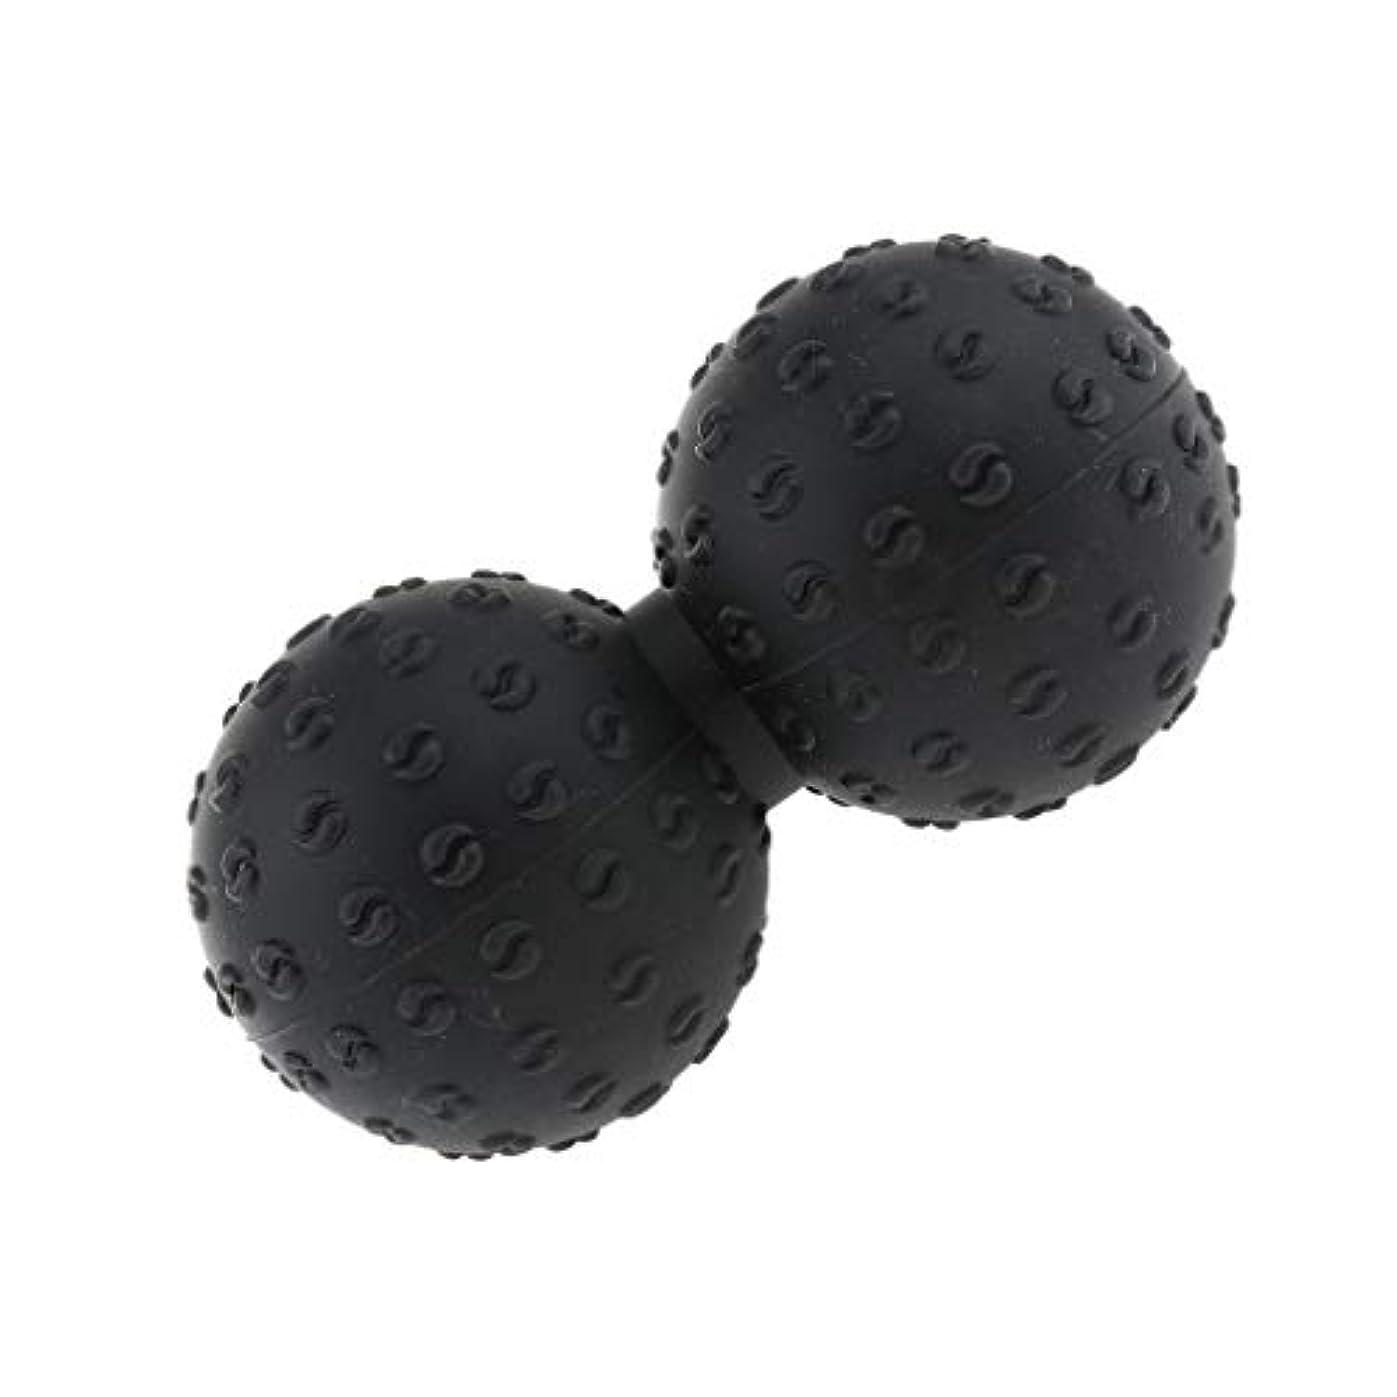 CUTICATE マッサージボール 指圧ボール シリコン ピーナッツ トリガーポイント 肩、足、腕など 解消 全6色 - ブラック, 説明のとおり